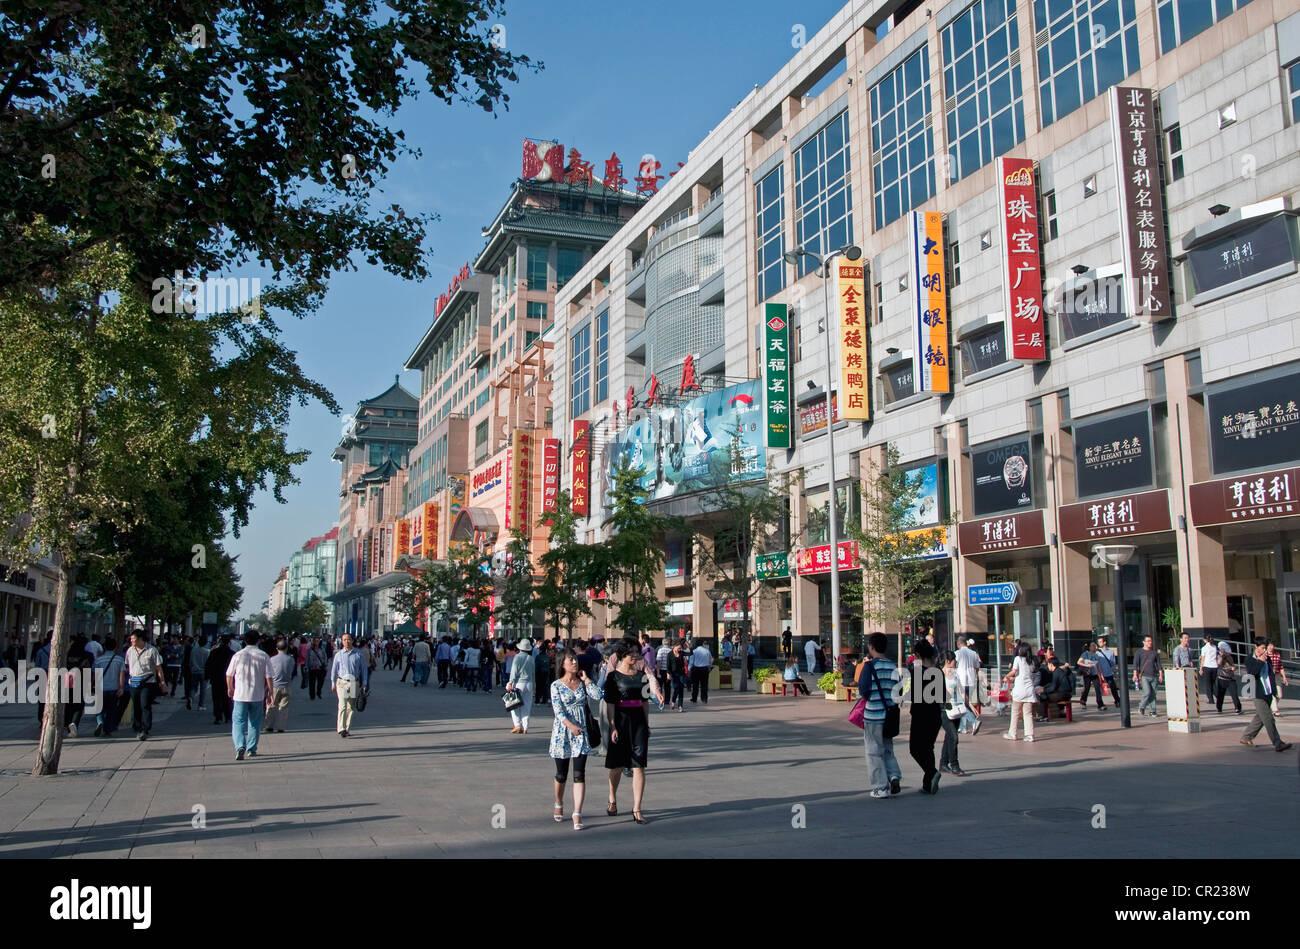 China: Beijing's Wangfujing busy retail shopping street - Stock Image